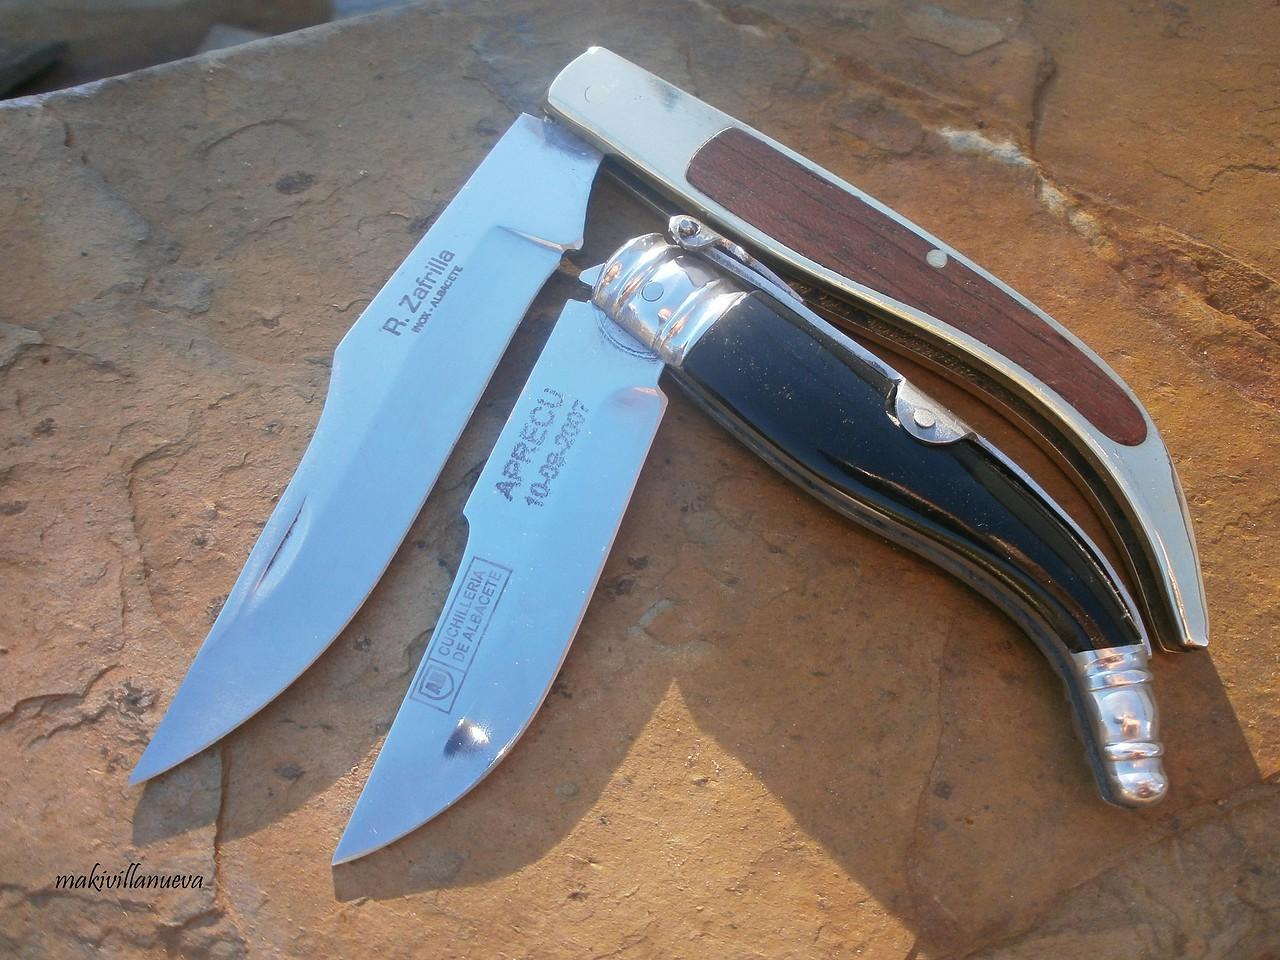 Foro armas blancas cuchillos navajas y m s dos navajas de r zafrilla muy distintas navajas - Navajas buenas ...